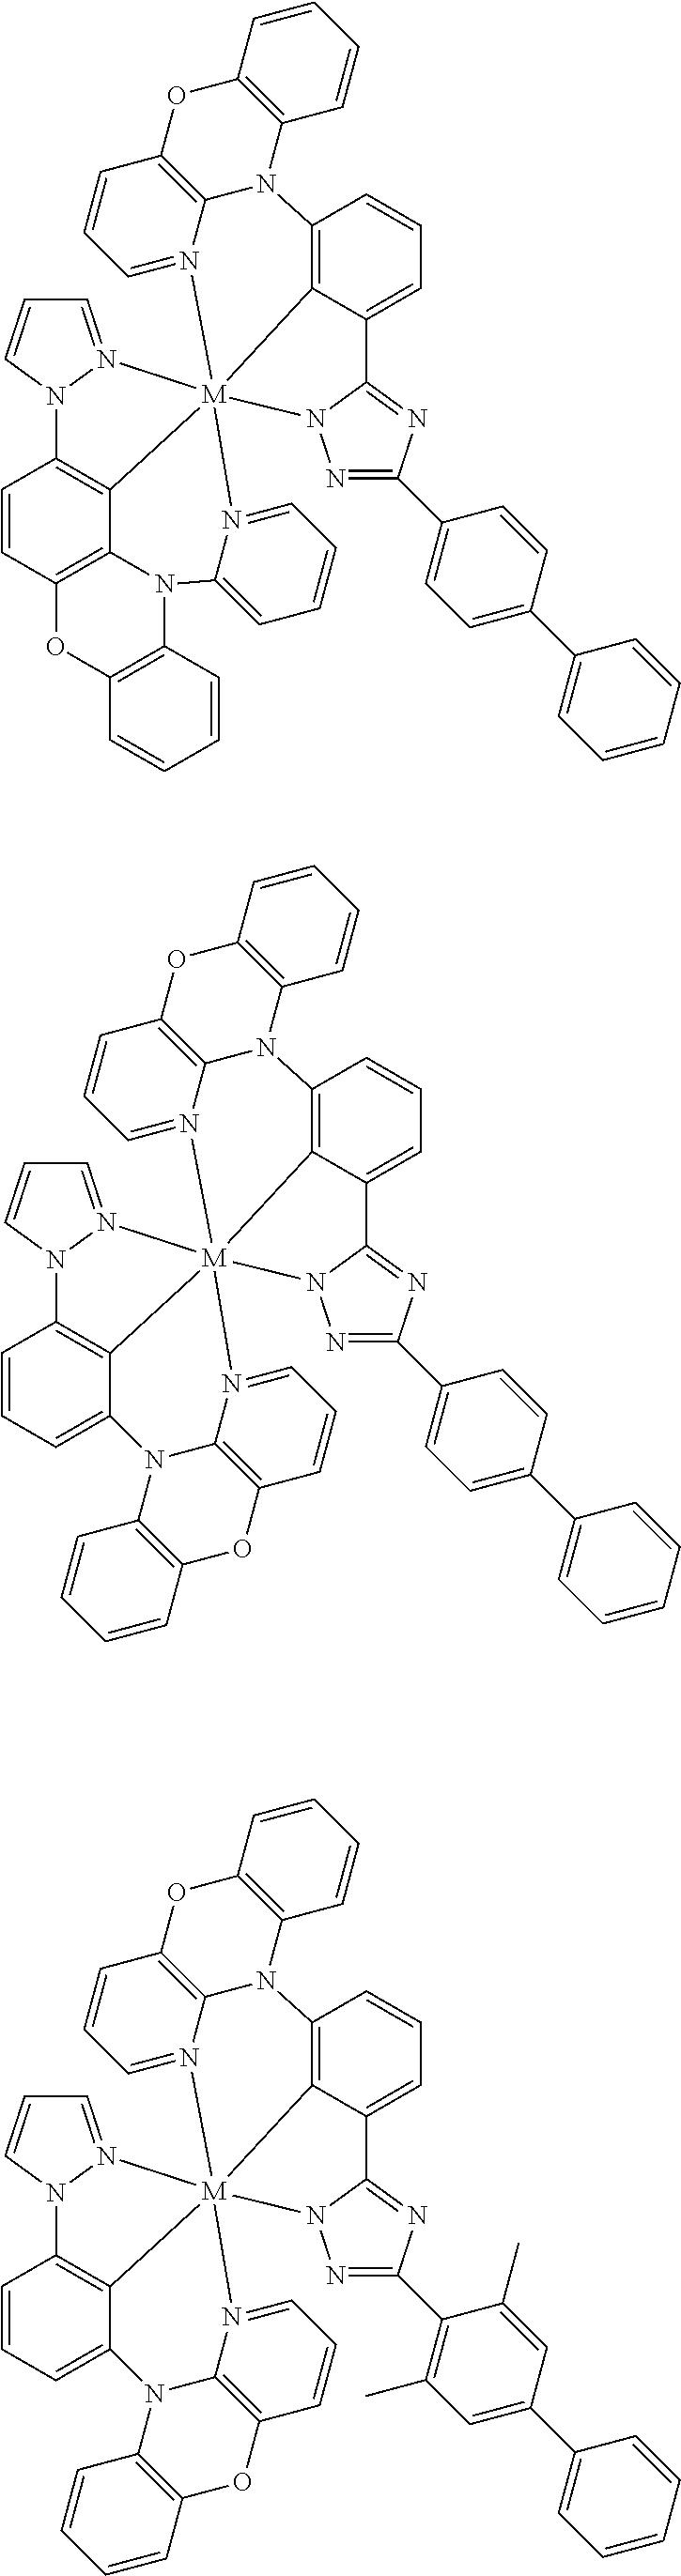 Figure US09818959-20171114-C00405